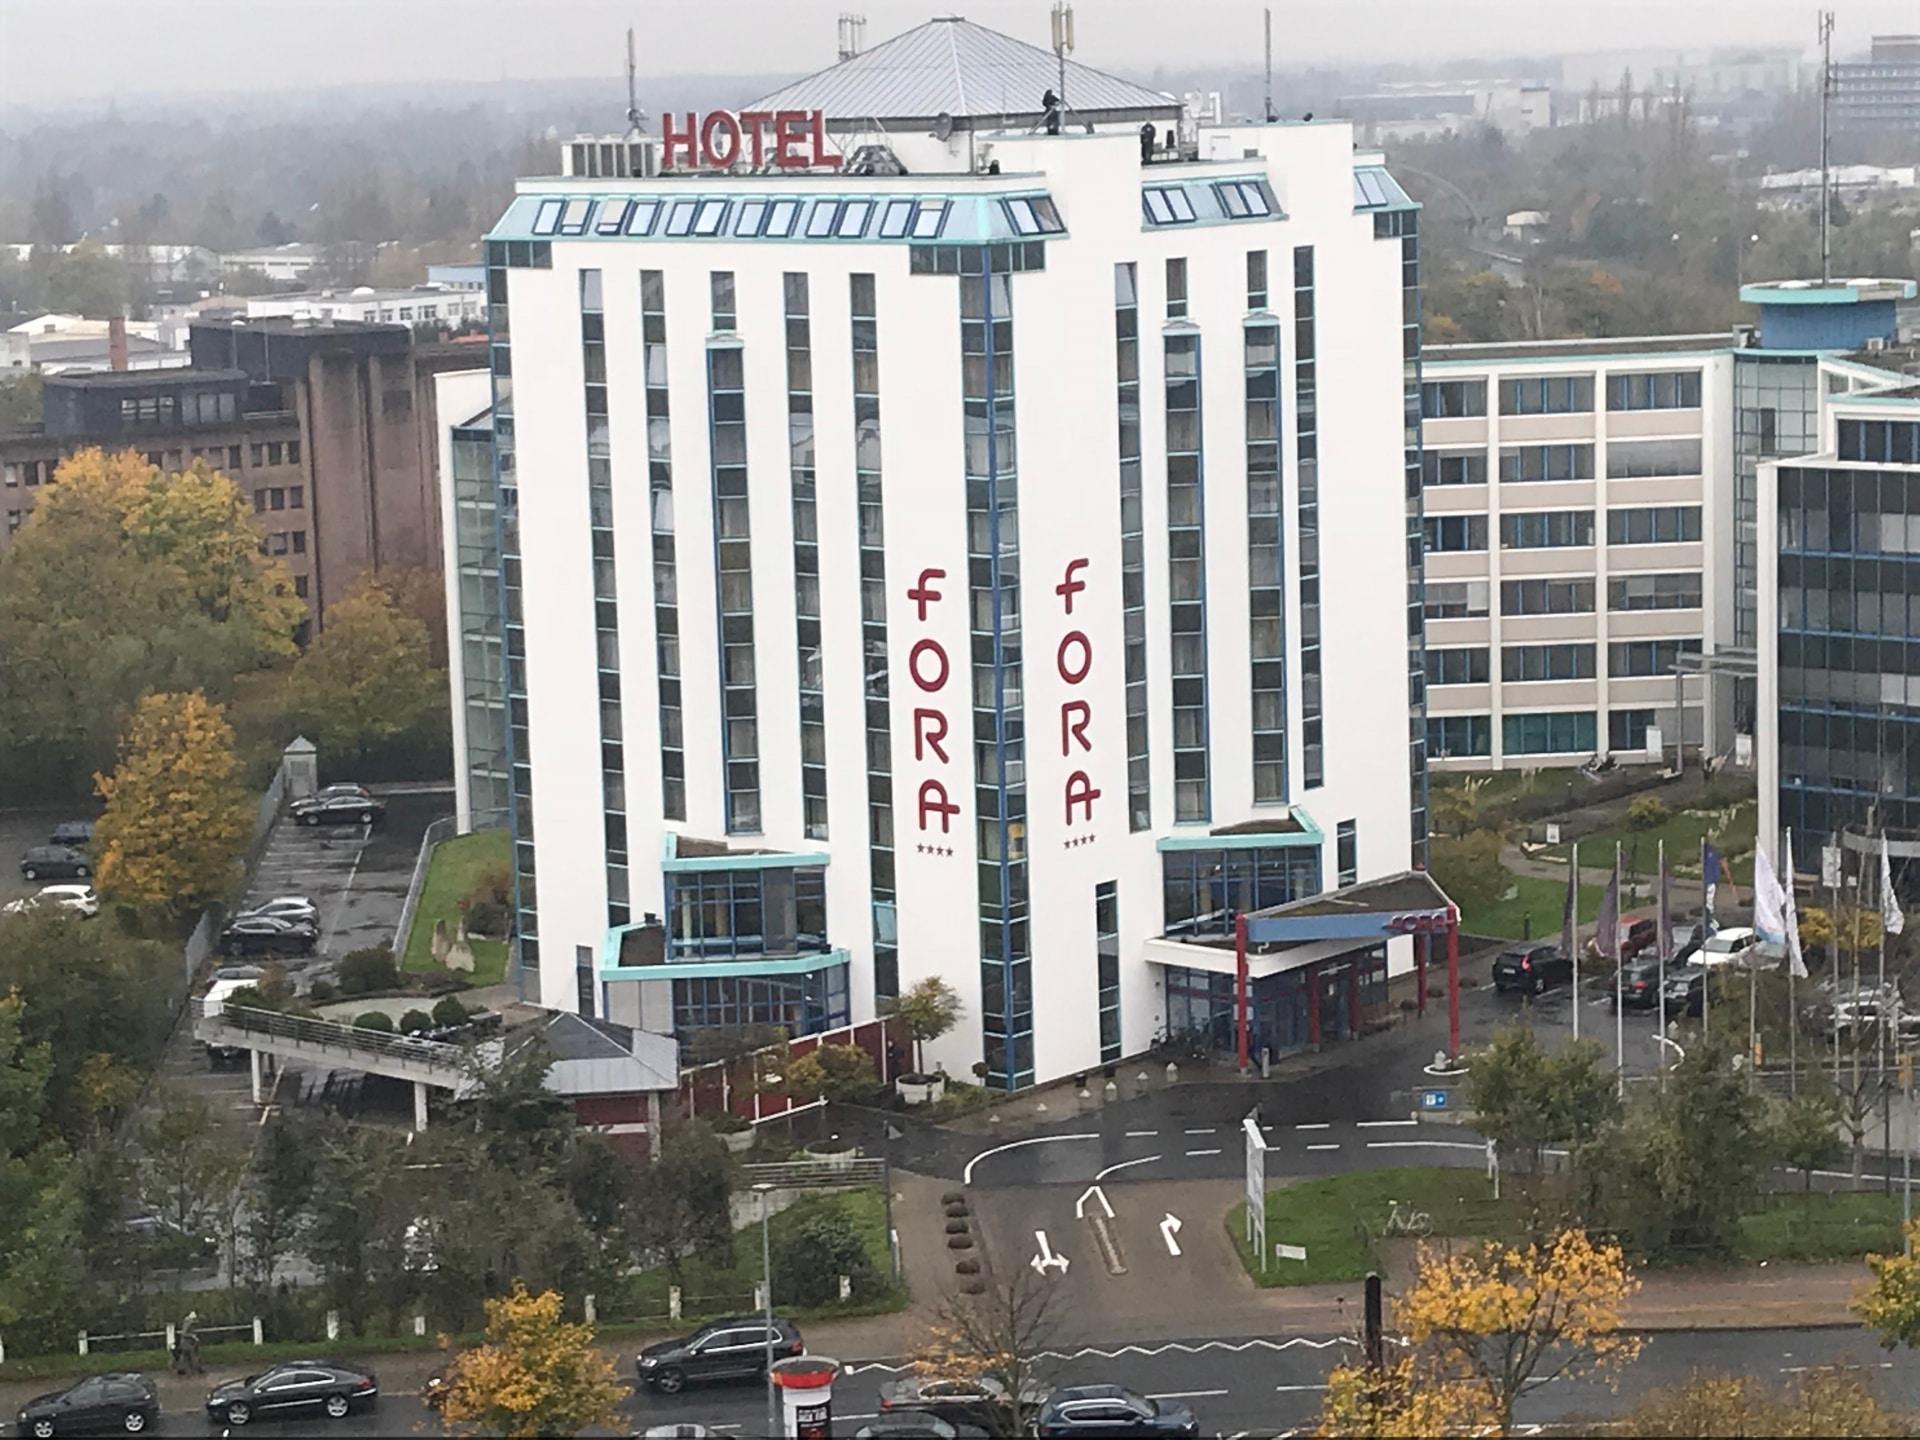 Fora Hotel Hannover unbeleuchtet